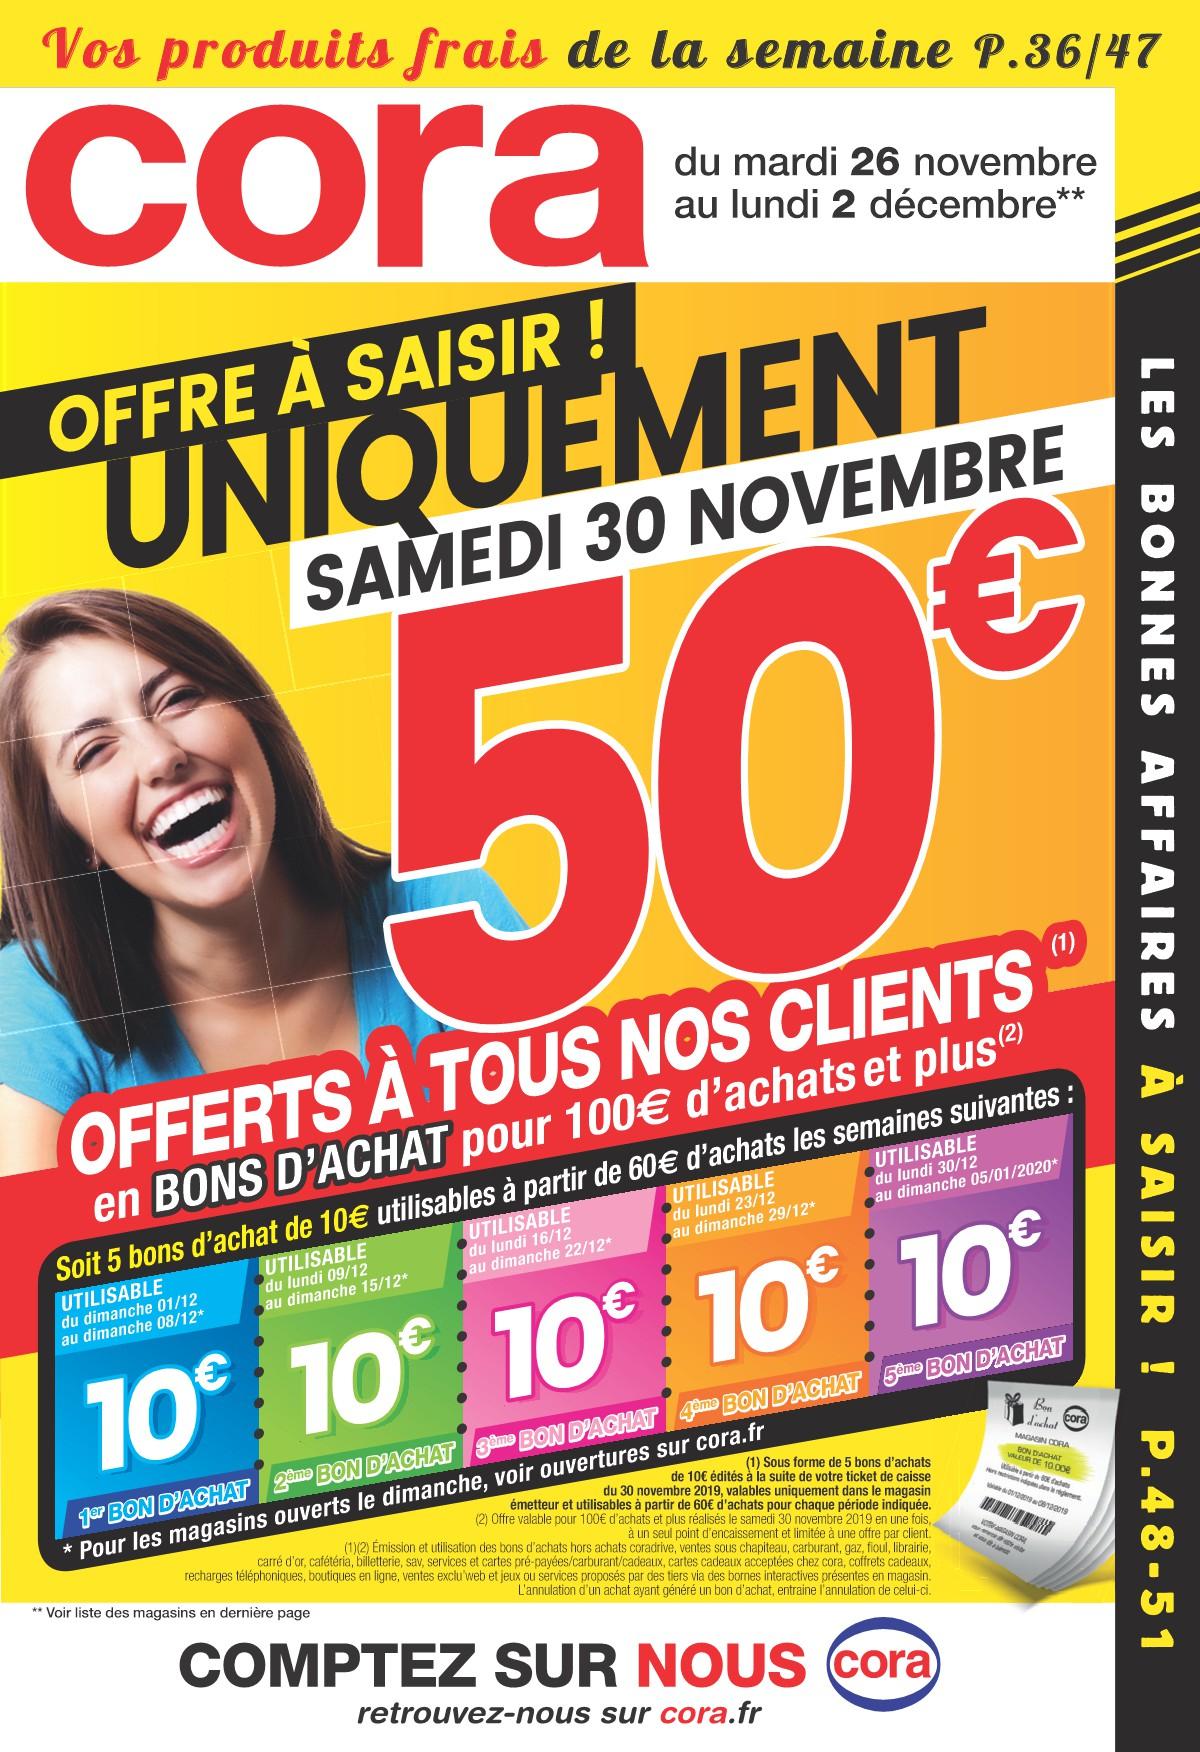 50€ remboursés en bons d'achat dès 100€ d'achat (sous forme de 5 bons d'achat de 10€)